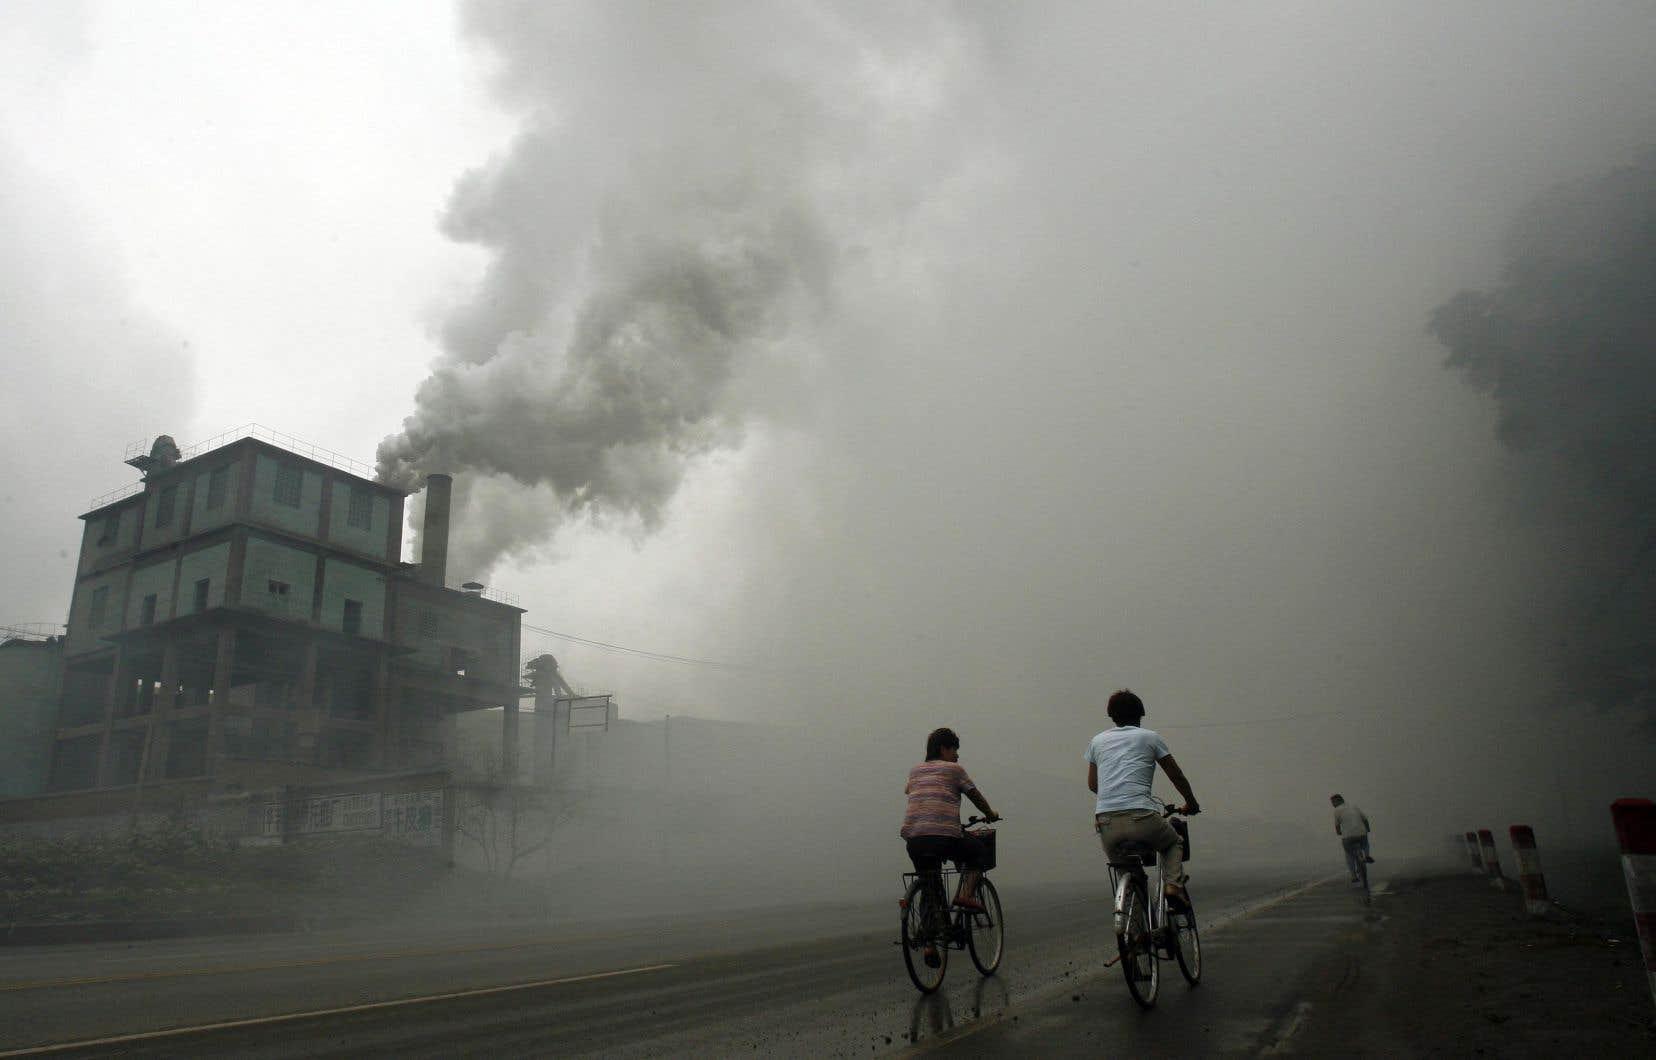 «En Chine, des scientifiques ont observé que les émissions de GES et de polluants ont décru de 25 à 30%, durant l'arrêt temporaire de leurs activités», soulignent les auteurs.